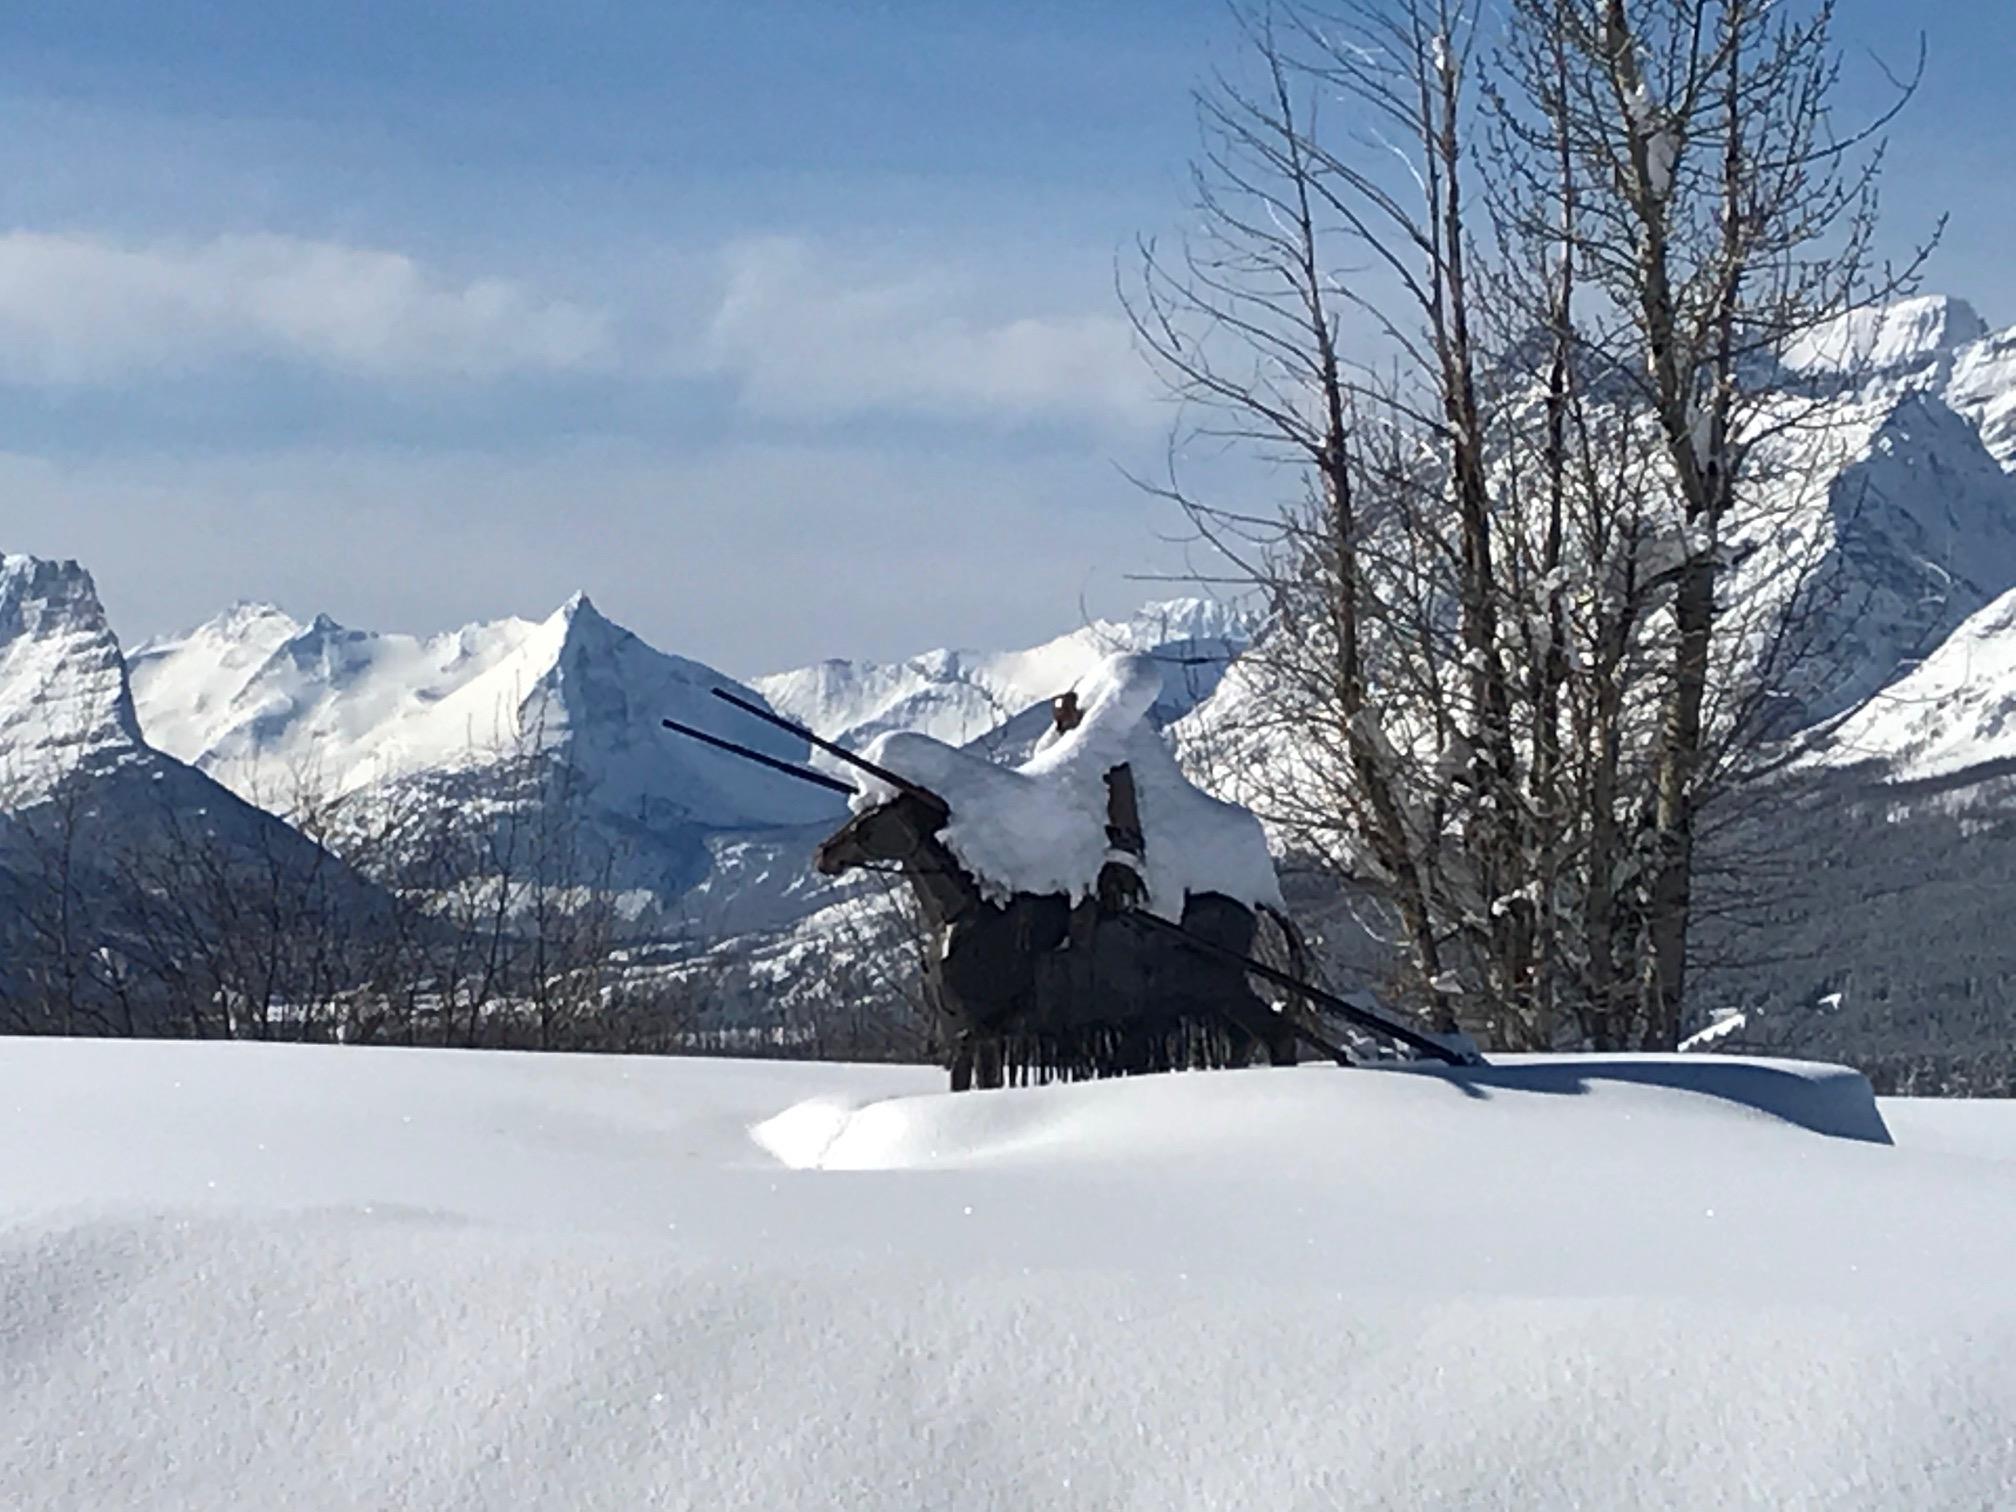 Blackfeet Viewing Spot